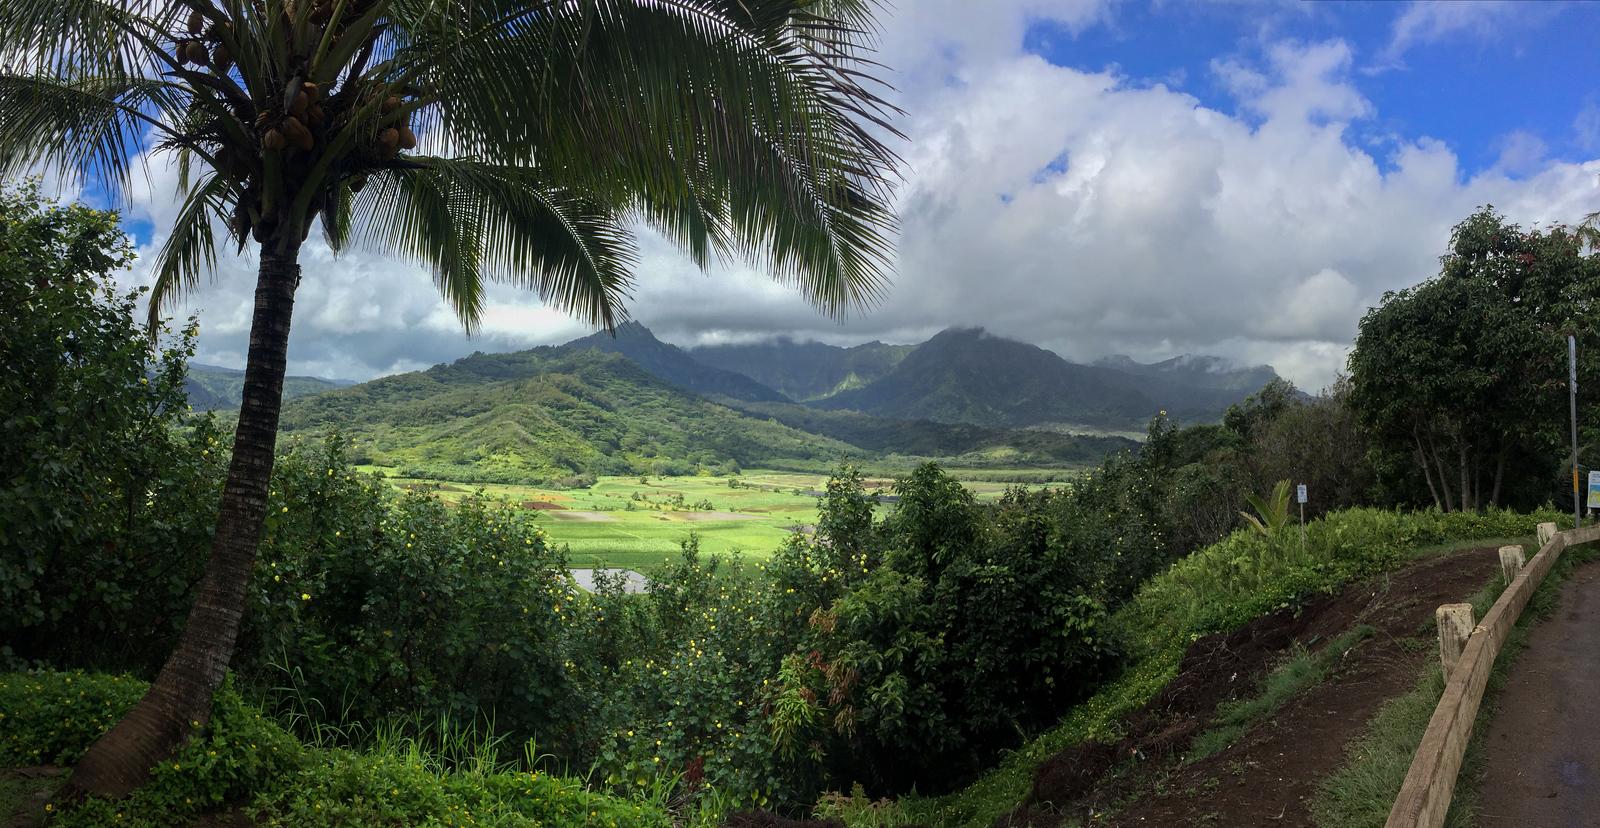 Hawaii 2017; Kauai. Drive south to Po'ipu, Princeville, Kilauea, and Wailua